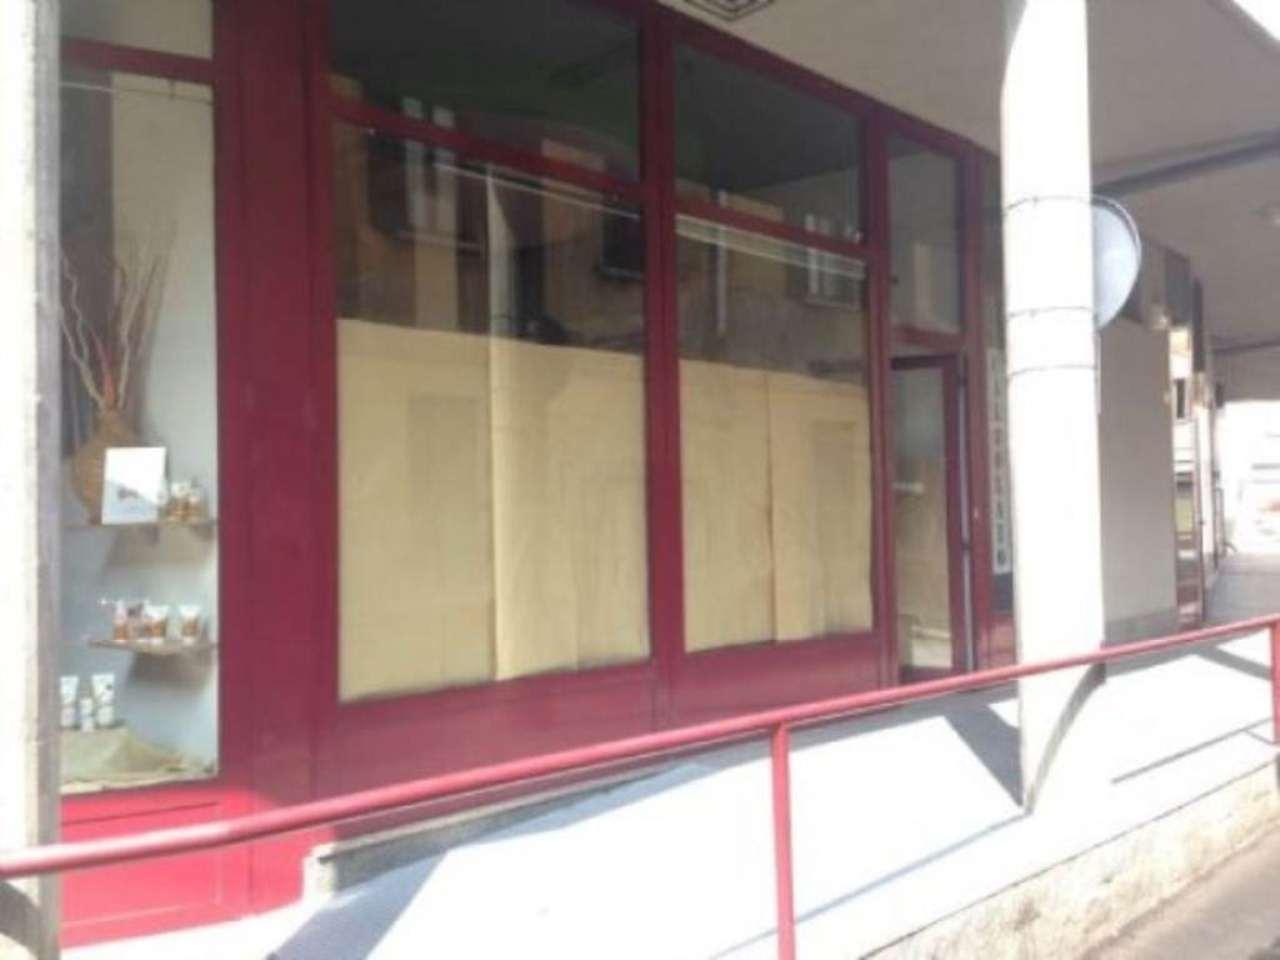 Negozio / Locale in affitto a Cassano Magnago, 2 locali, prezzo € 600 | Cambio Casa.it